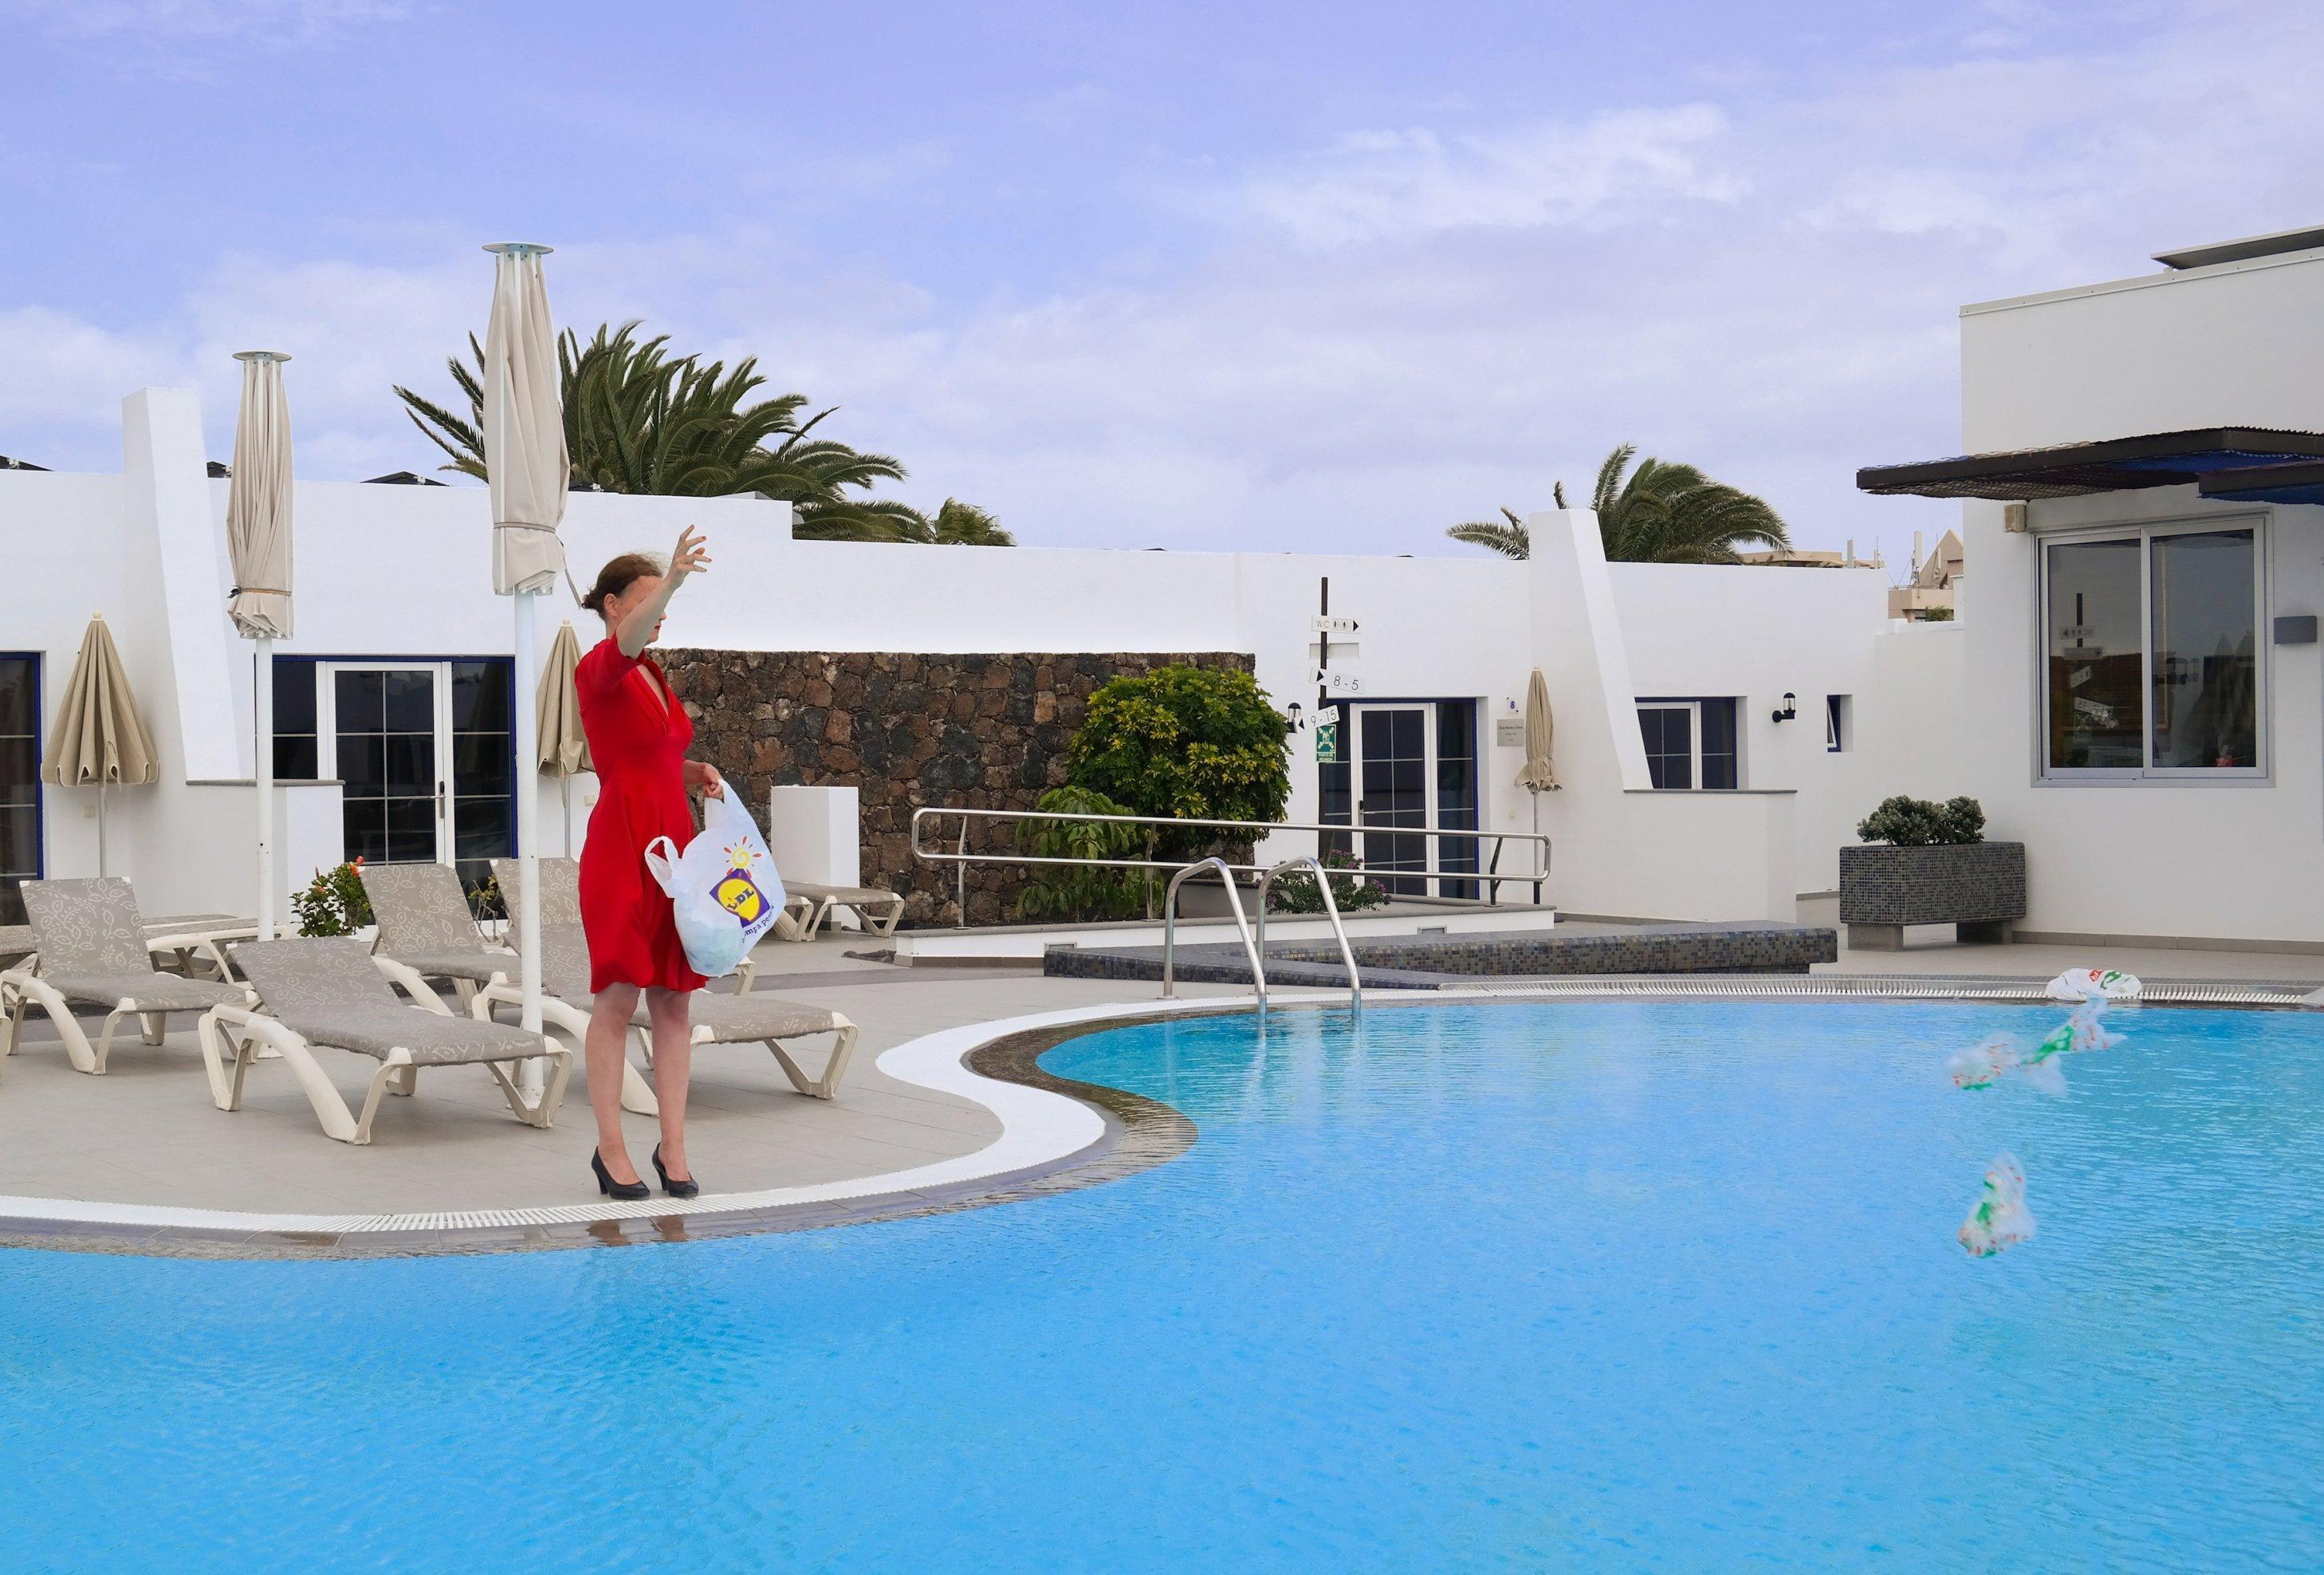 Künstlerin Swaantje Güntzel steht in einem roten Kleid vor einem Pool und wirft aus einer Lidl-Tasche Plastiktüten in diesen.